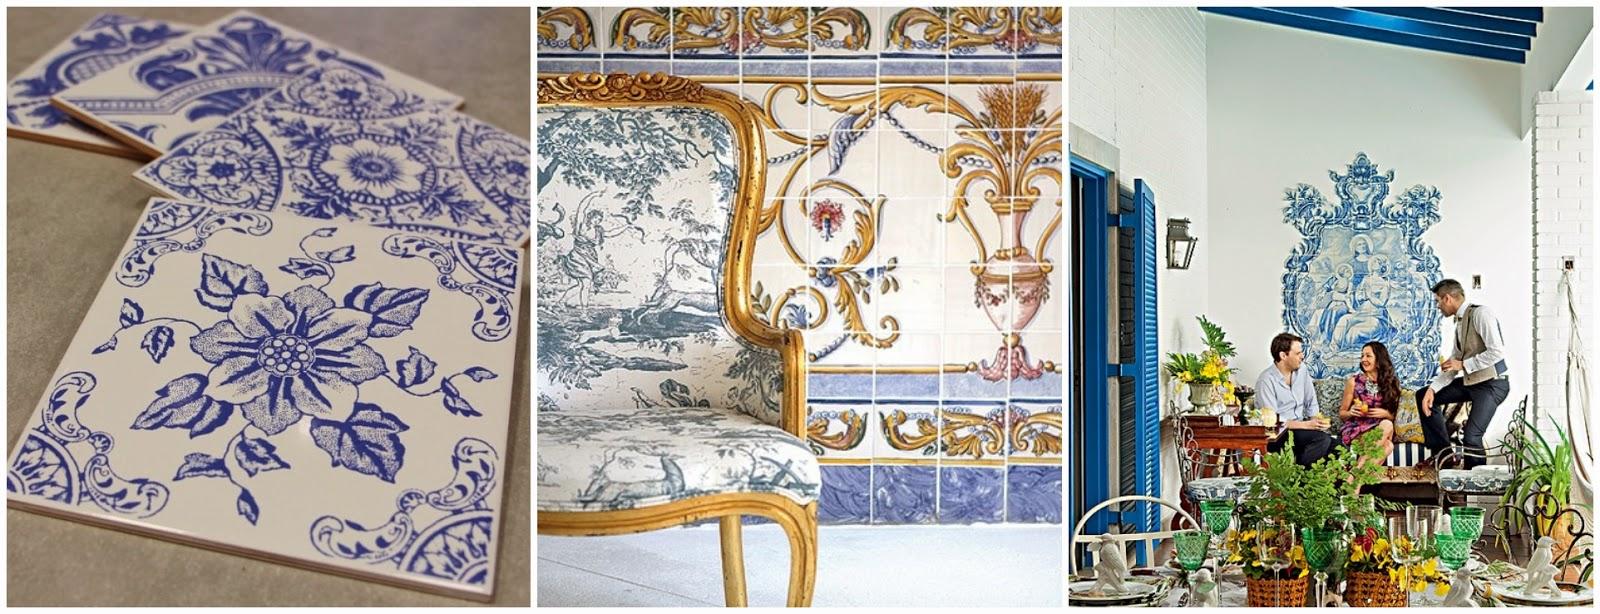 Azulejos portugueses na decoração dos dias atuais